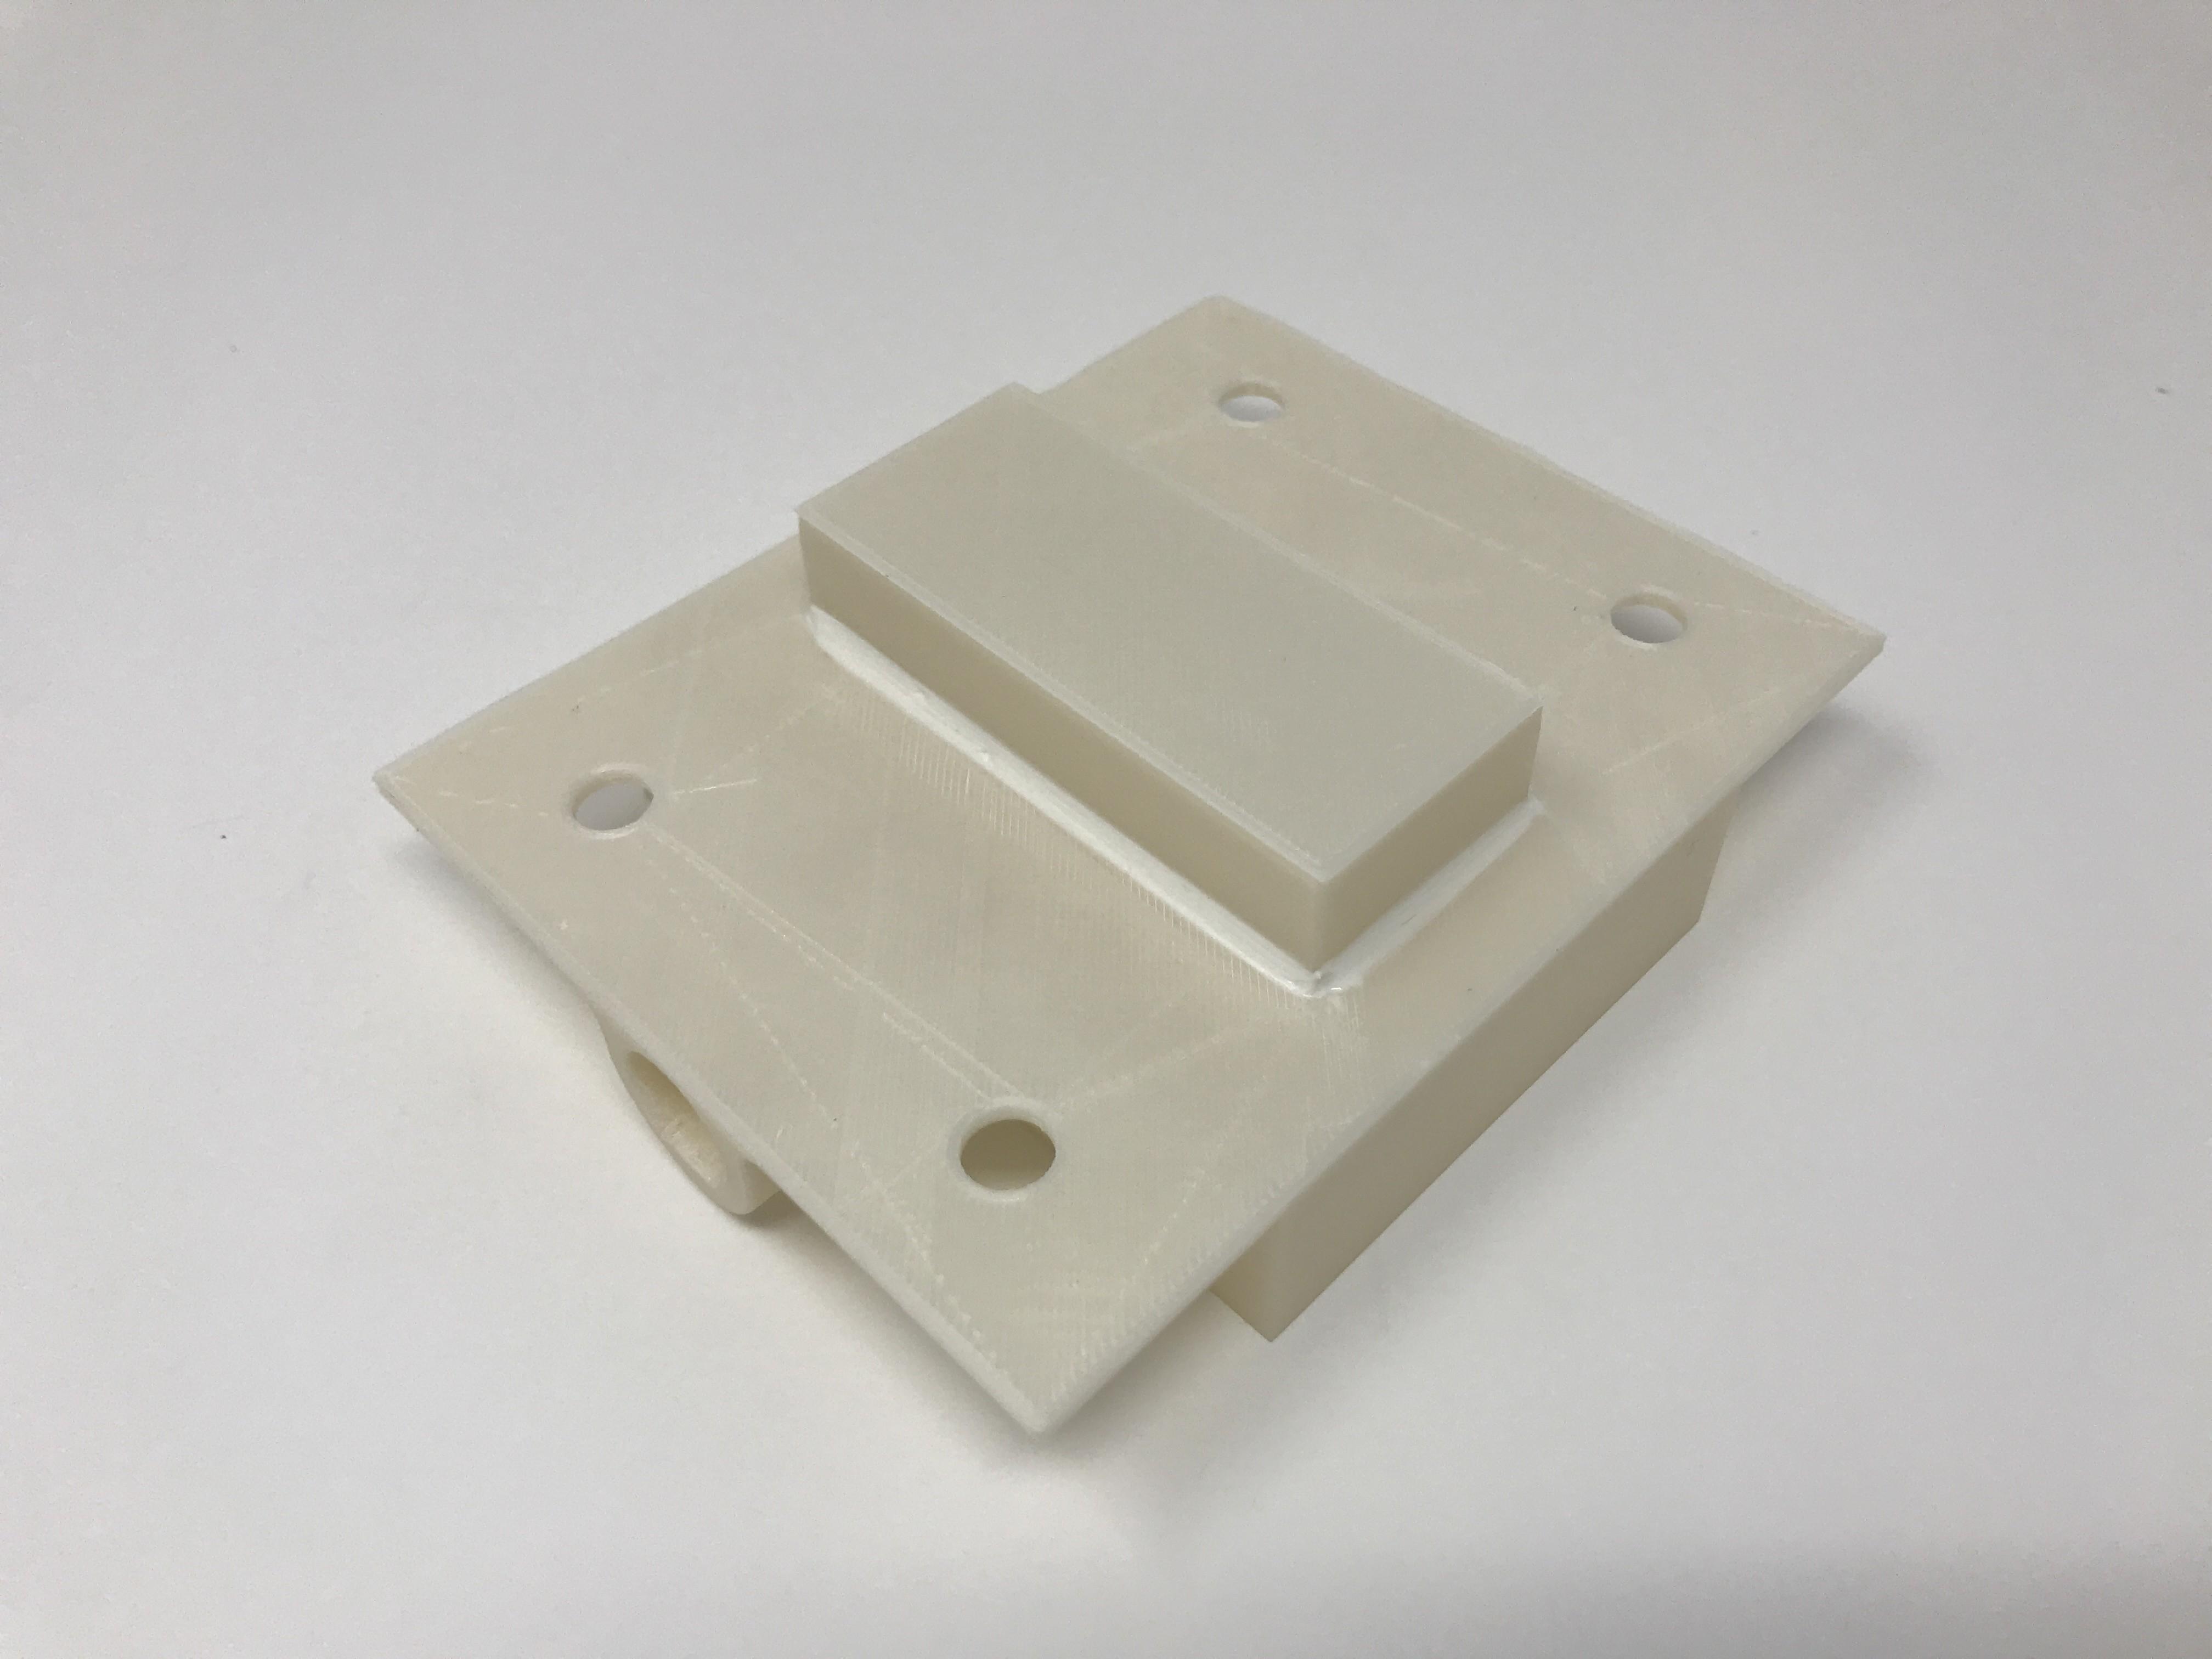 IMG_0730.jpg Download free STL file WiFi Paddle Boat • 3D printing design, gzumwalt